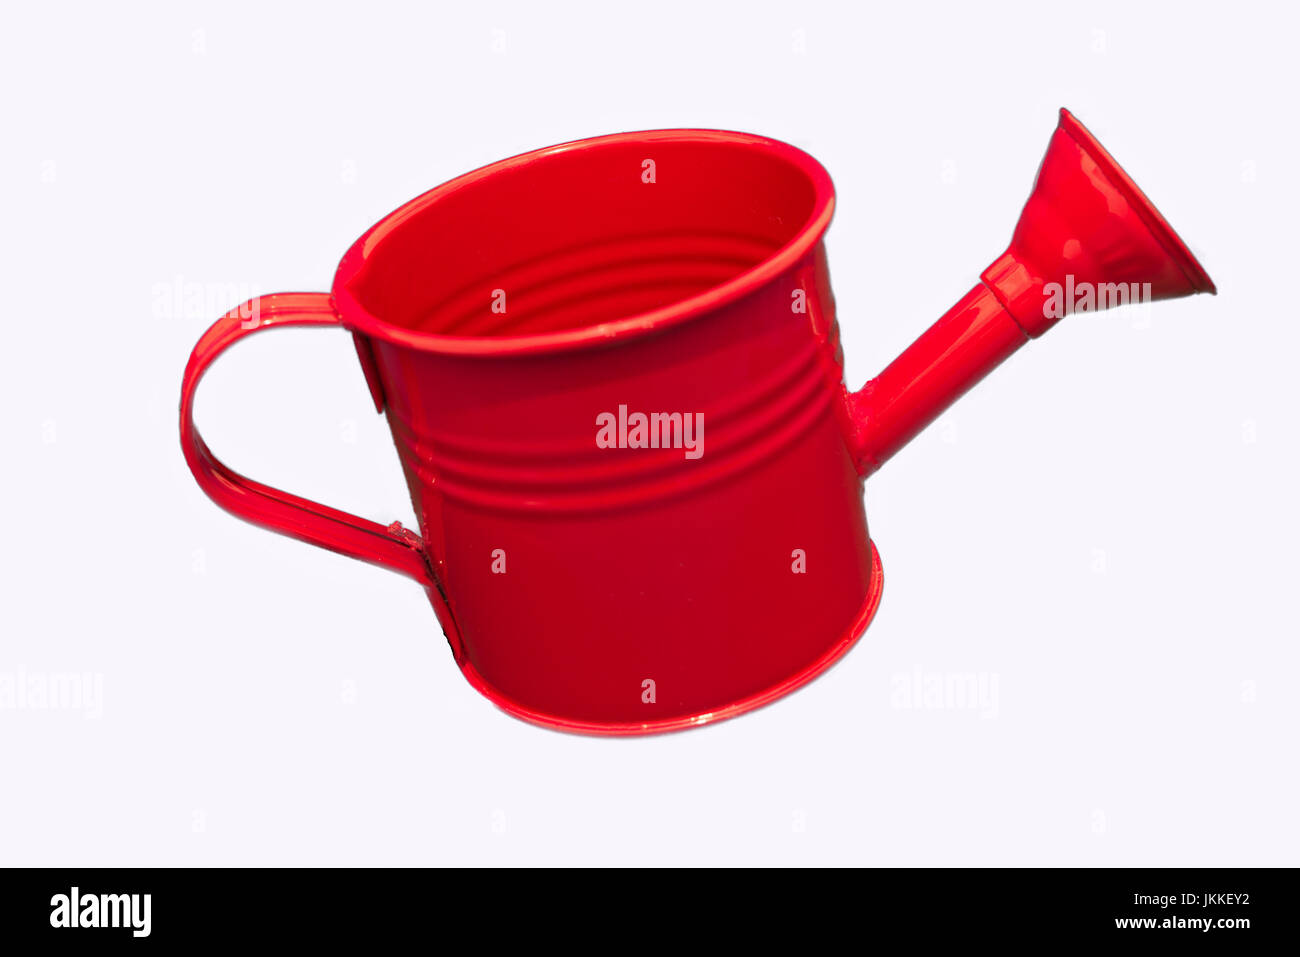 Arrosoir rouge isolé sur fond blanc. L'image est propre et lumineux et centré dans l'image avec Photo Stock